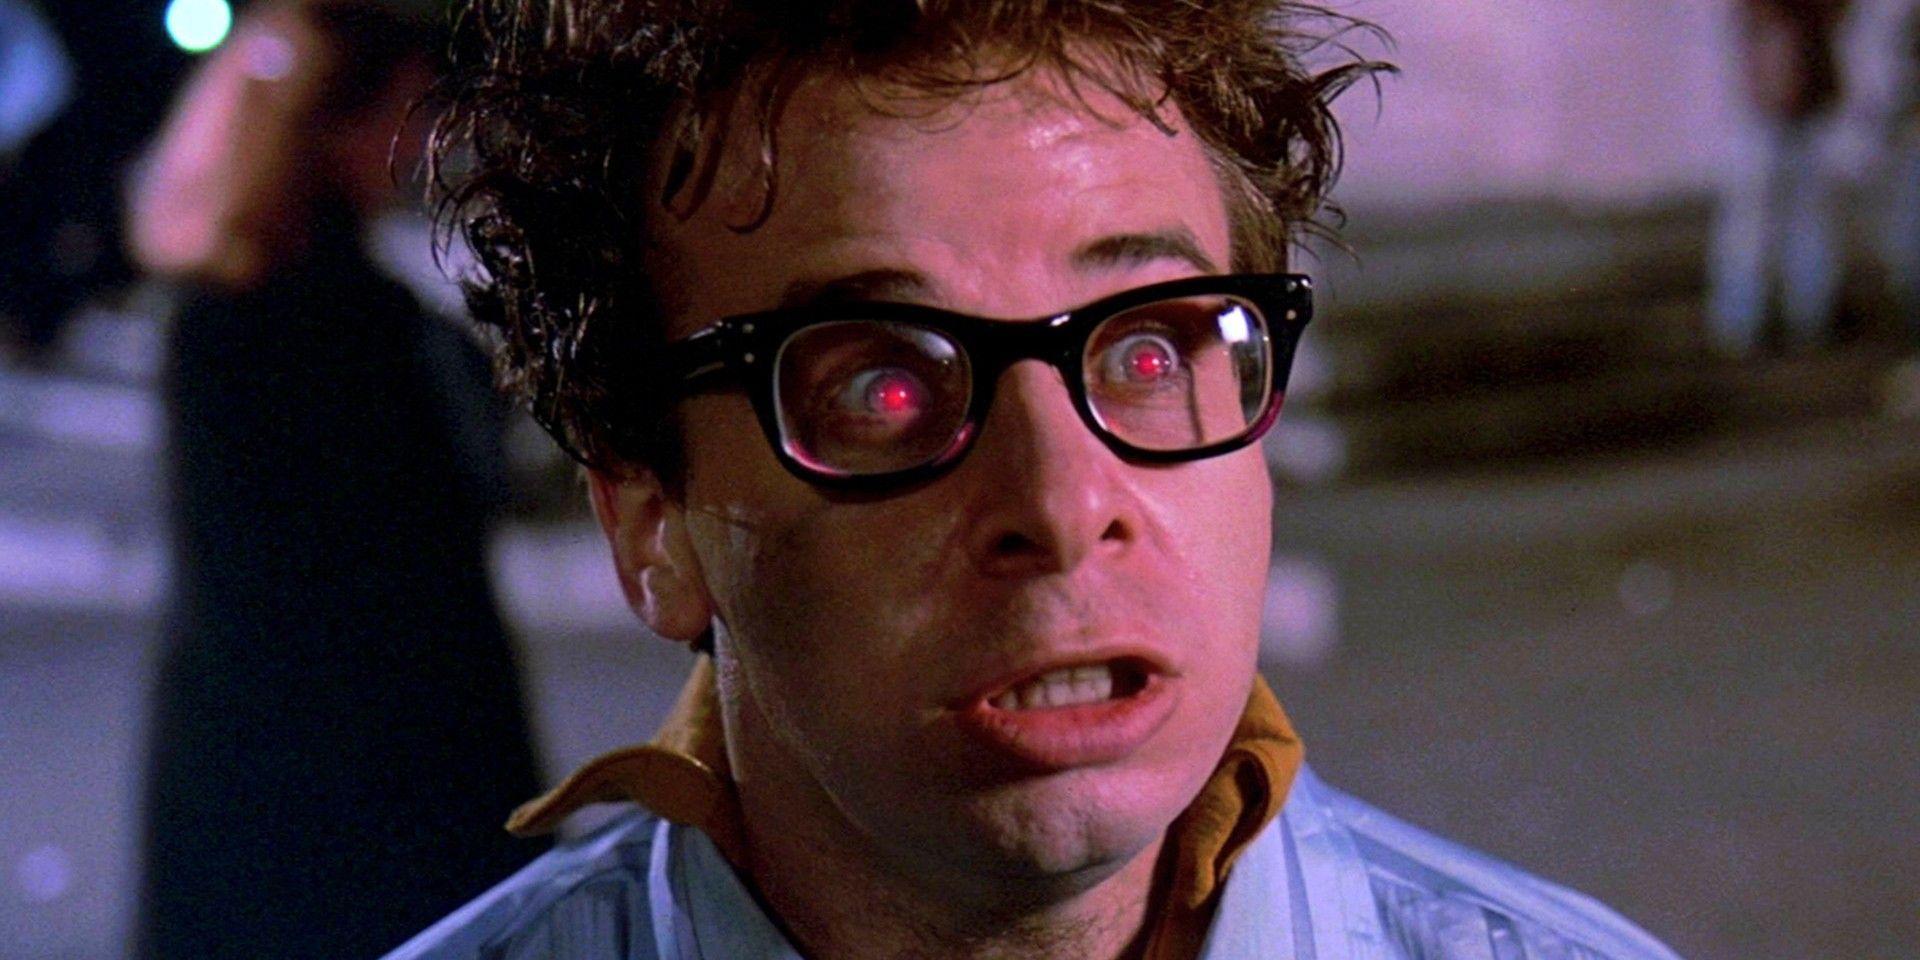 Did Ernie Hudson Just Reveal Rick Moranis' Ghostbusters Return?